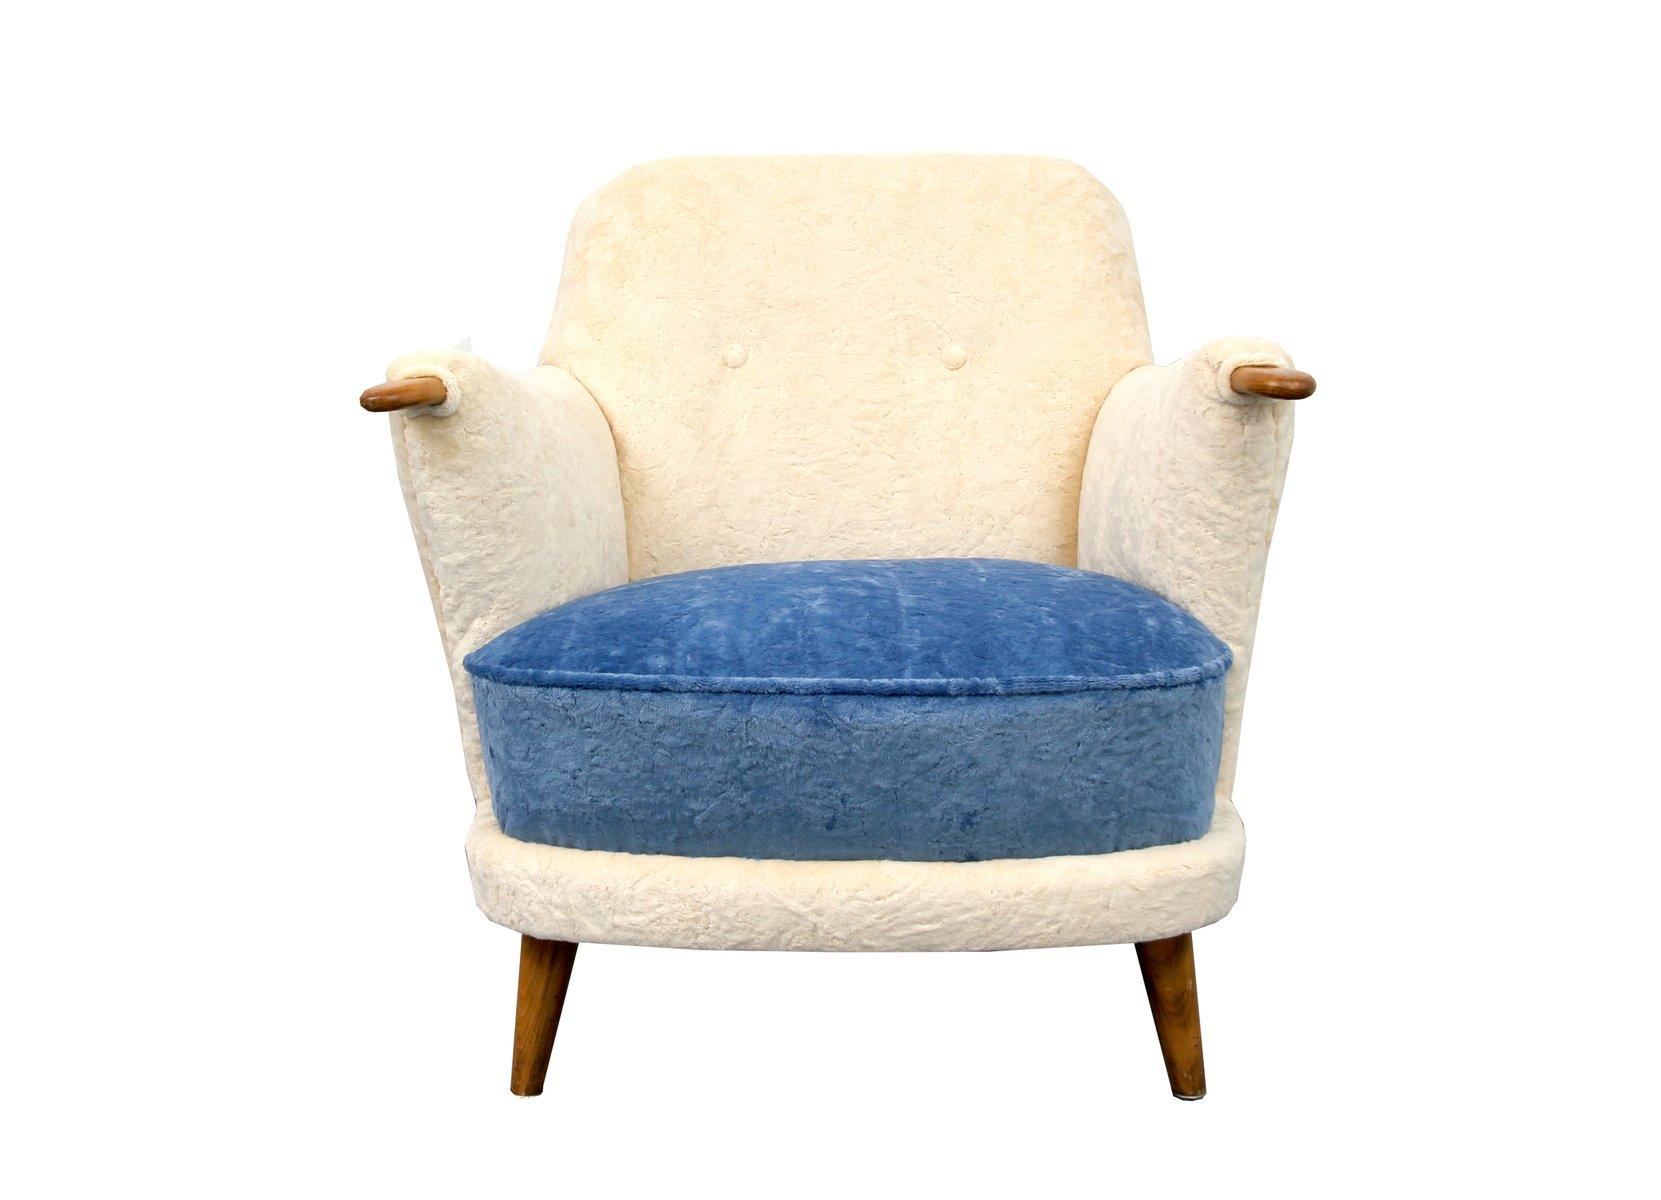 Fauteuil Couleur Cr¨me et Bleu 1950s en vente sur Pamono